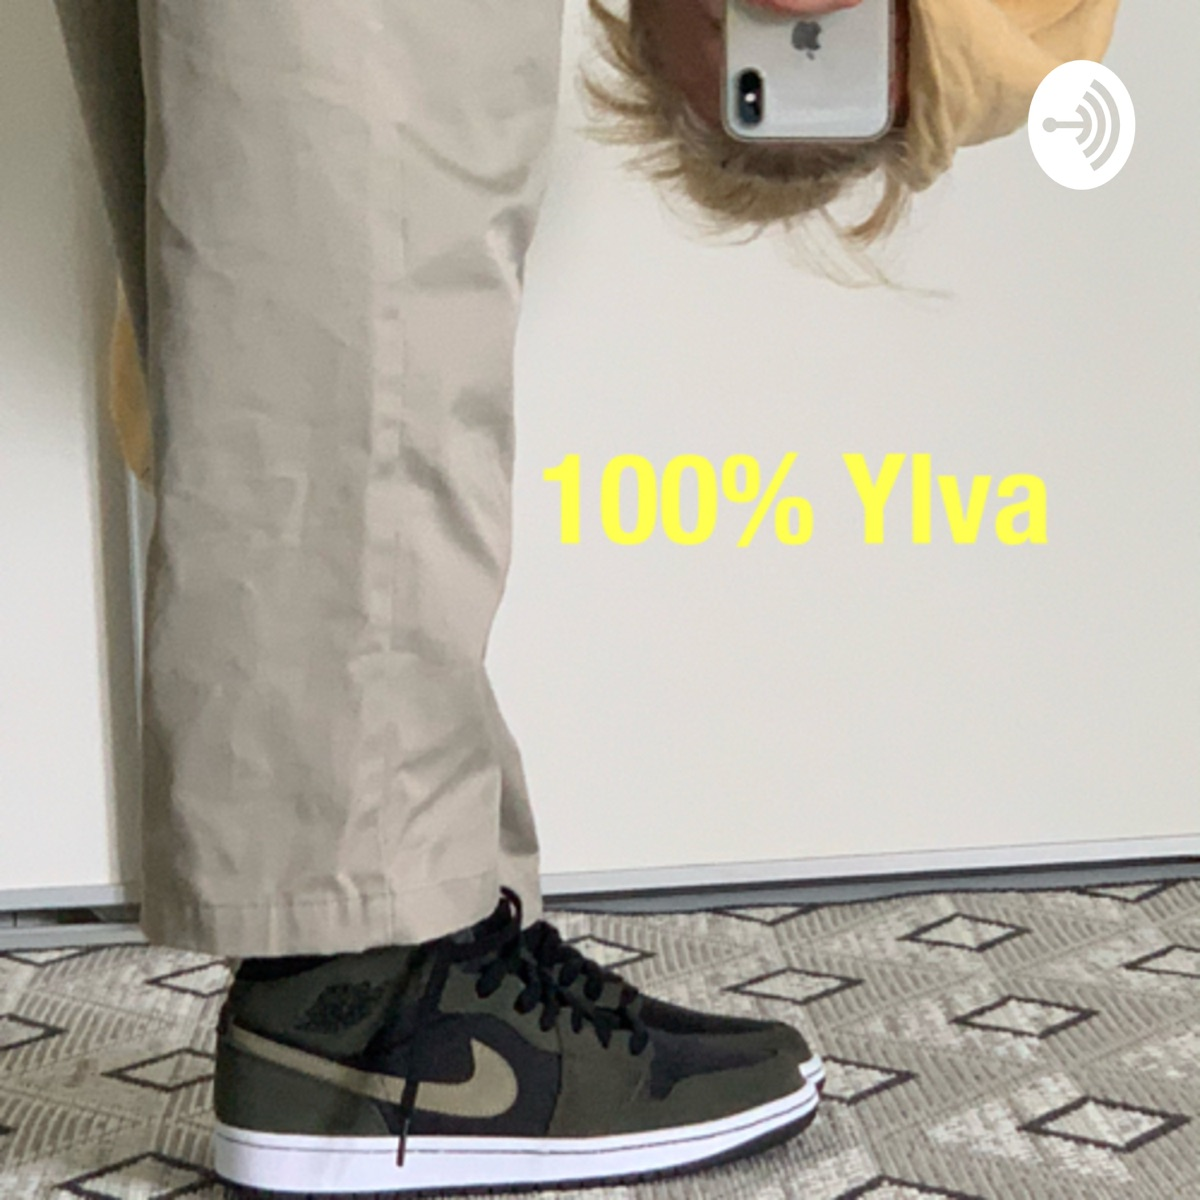 100% Ylva